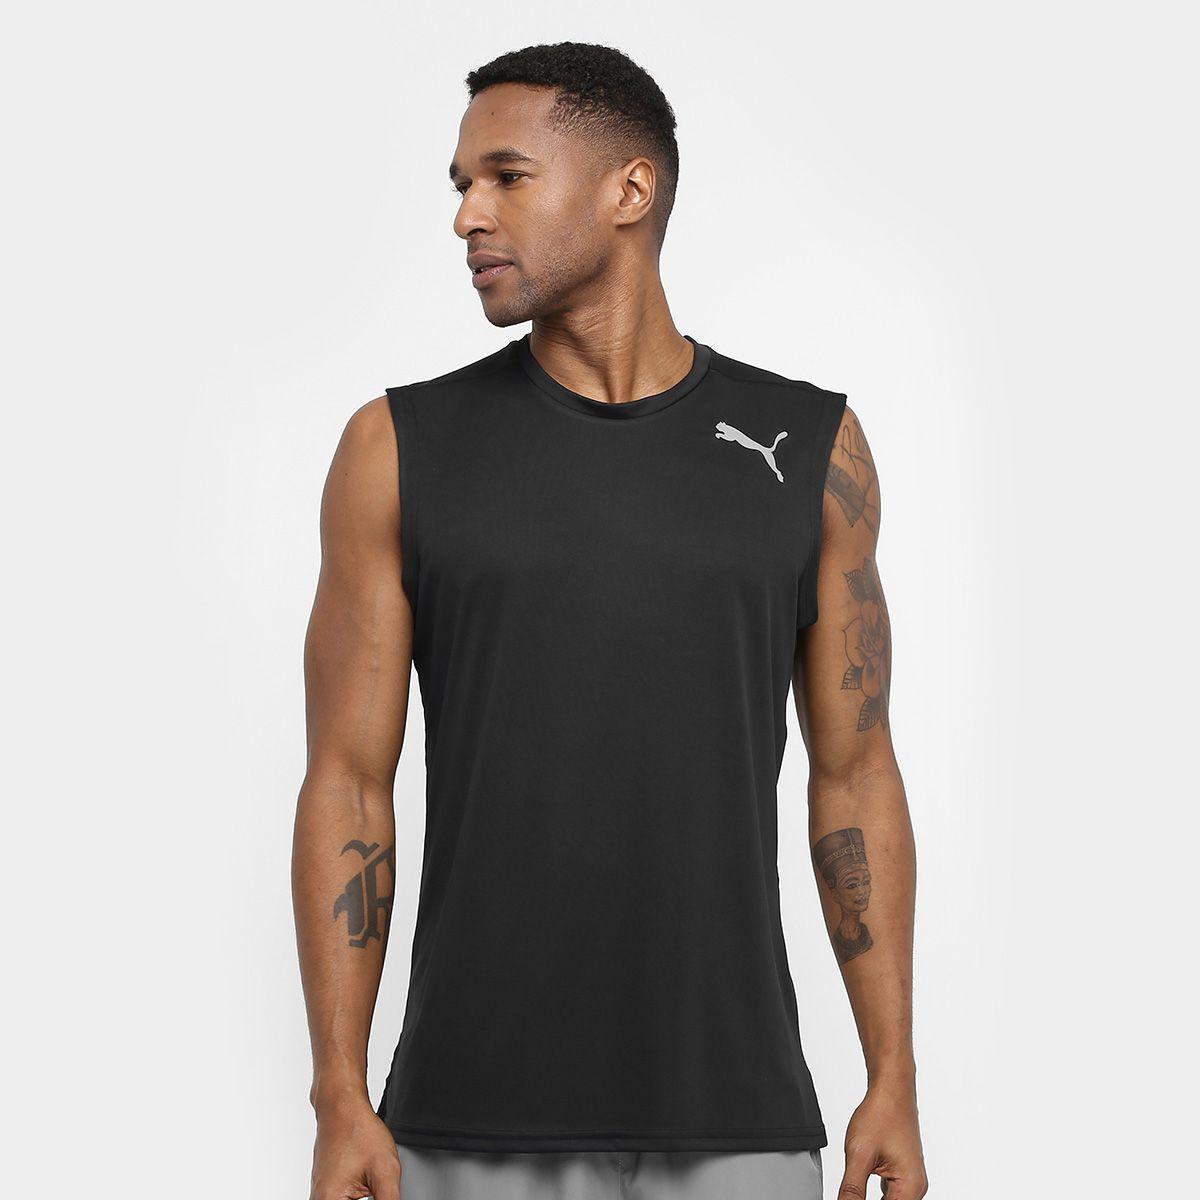 36facd4eb2e73 Camiseta Regata Puma Essential Sleeveless - Masculina - Preto - Titanes  Esportes